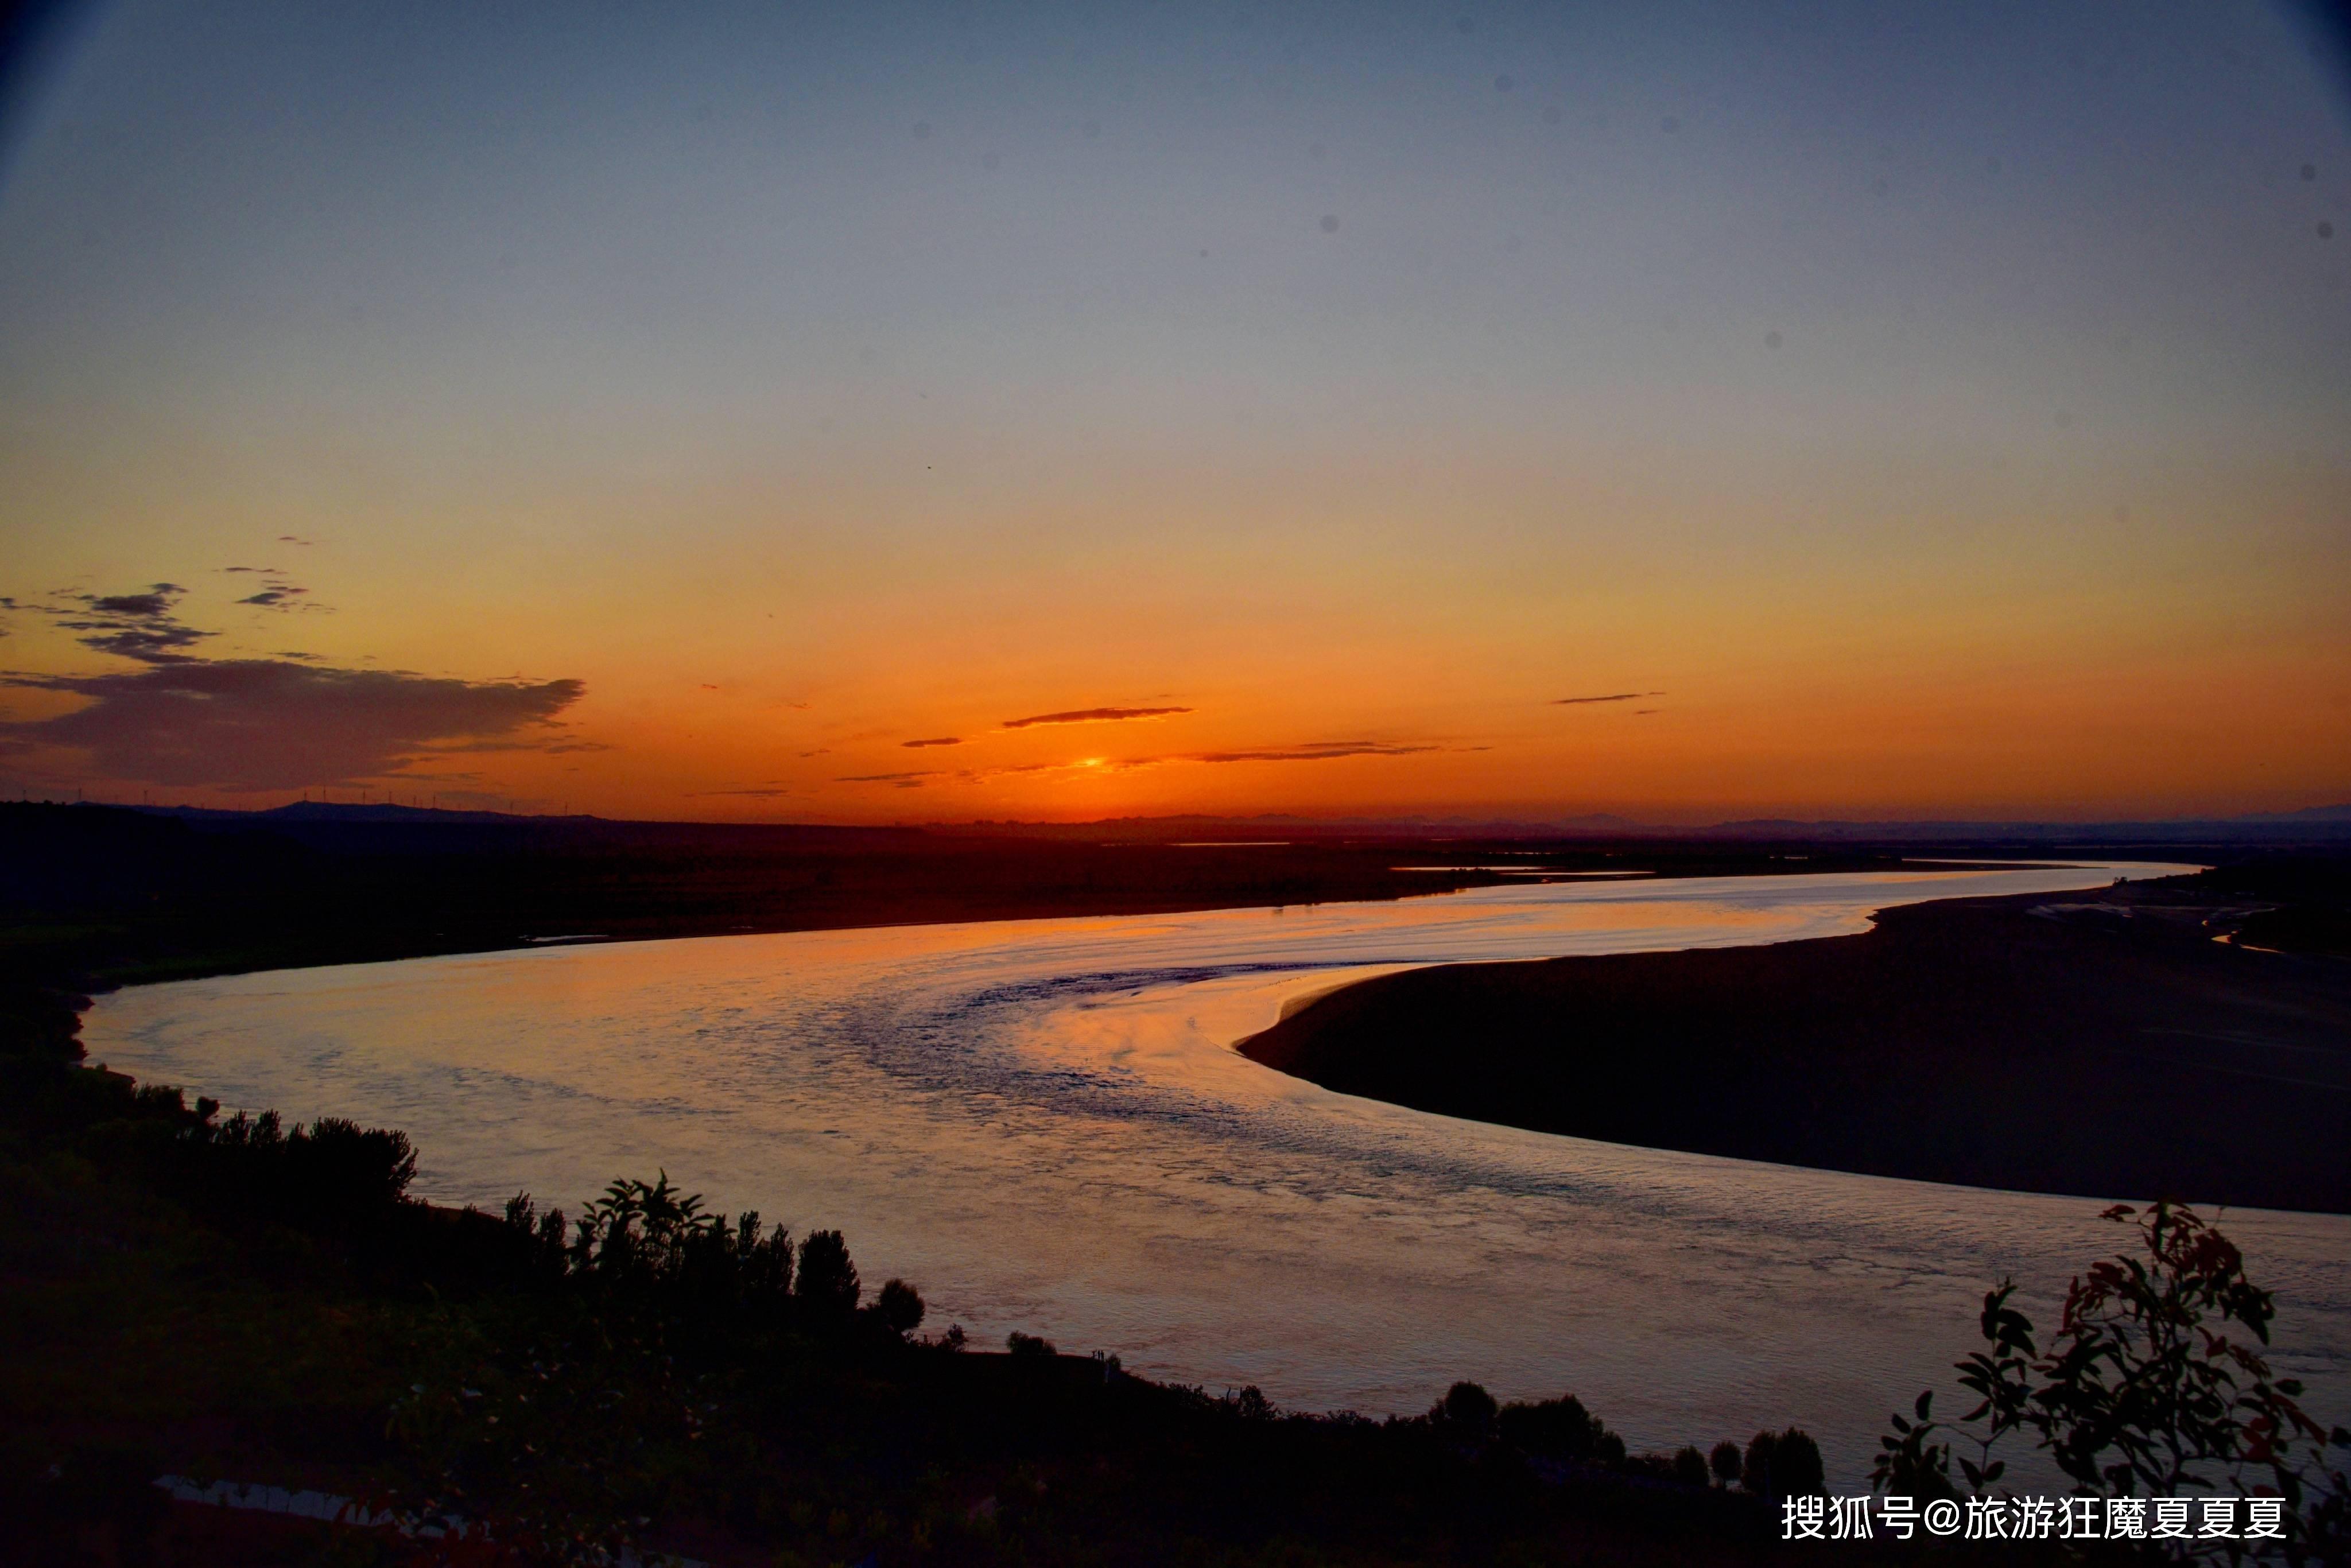 河南郑州超惊艳的民宿,推开窗户就能看